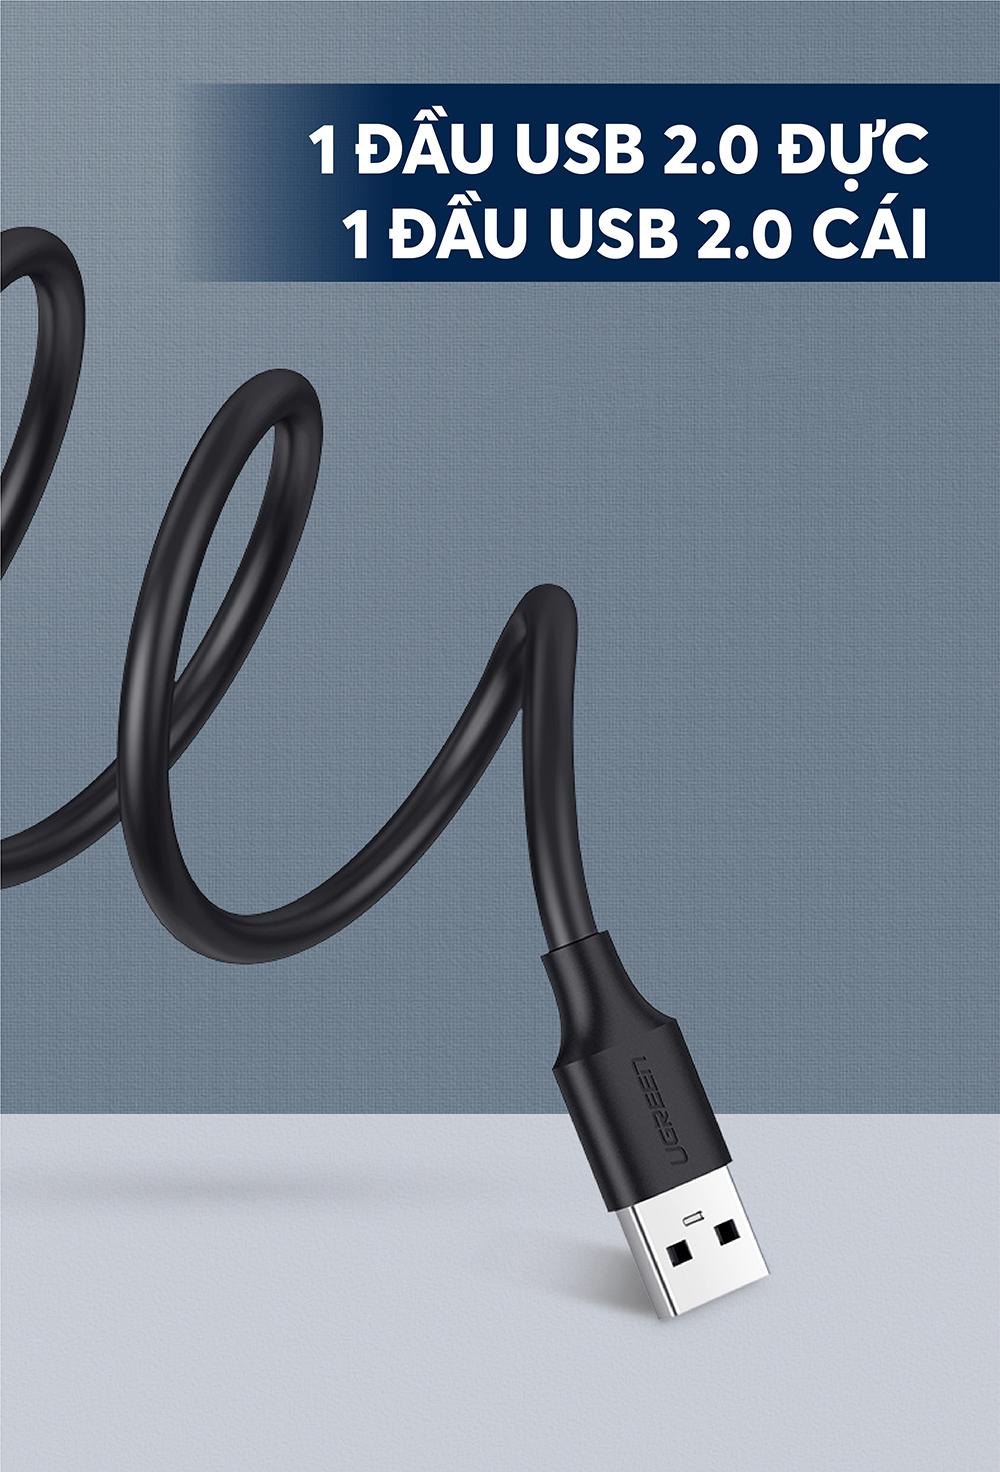 Dây nối dài USB 2.0 (1 đầu đực, 1 đầu cái) dài 1m UGREEN US103 10314 - Hàng chính hãng